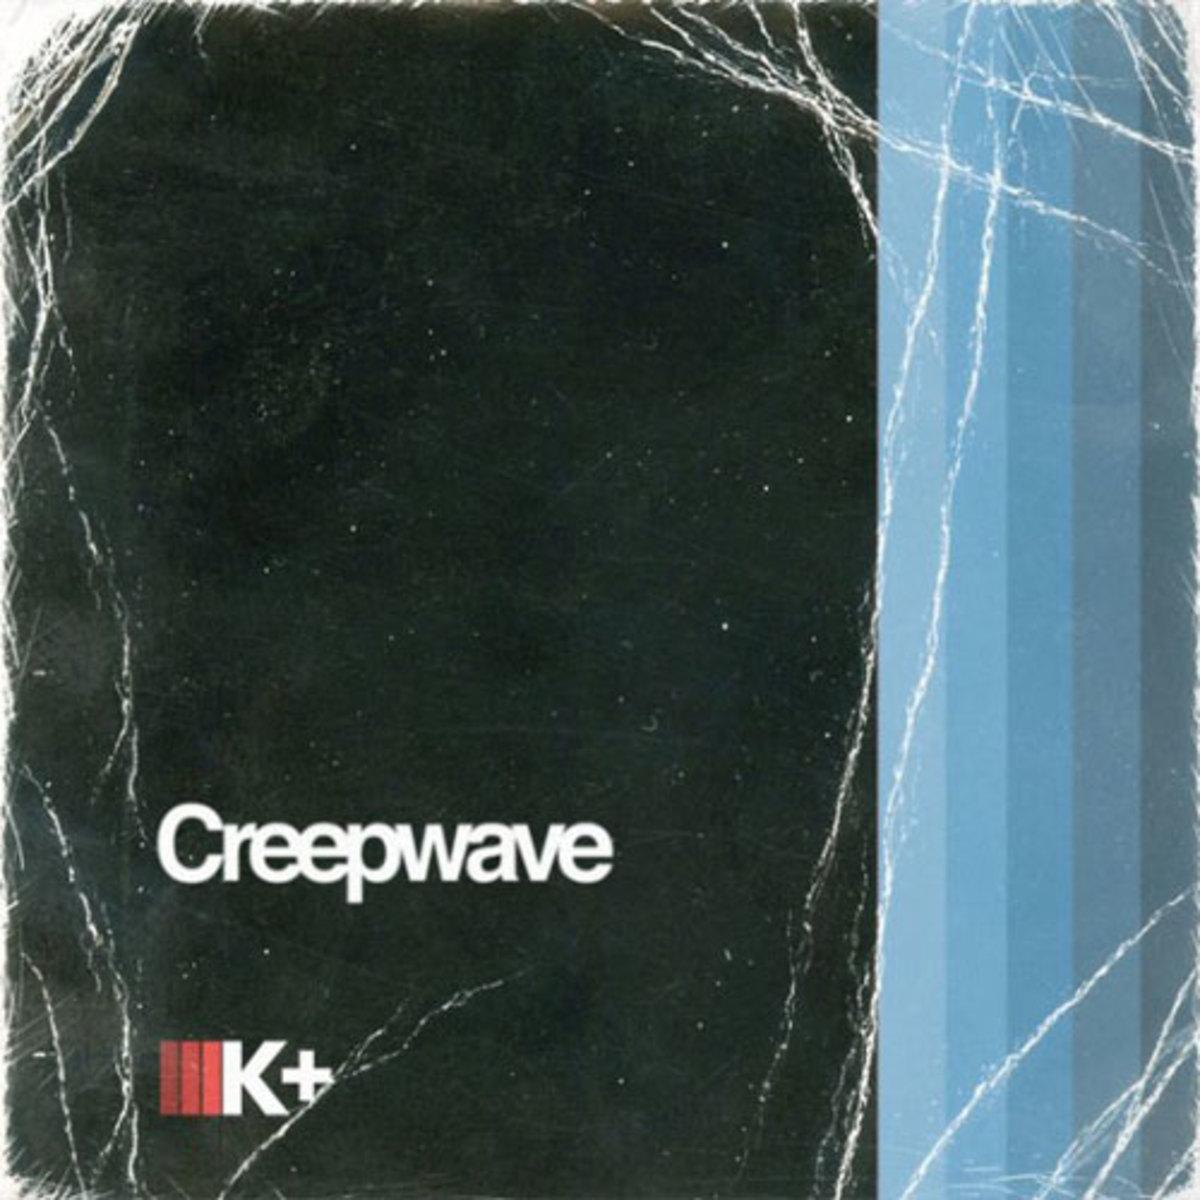 creepwave-kplus.jpg